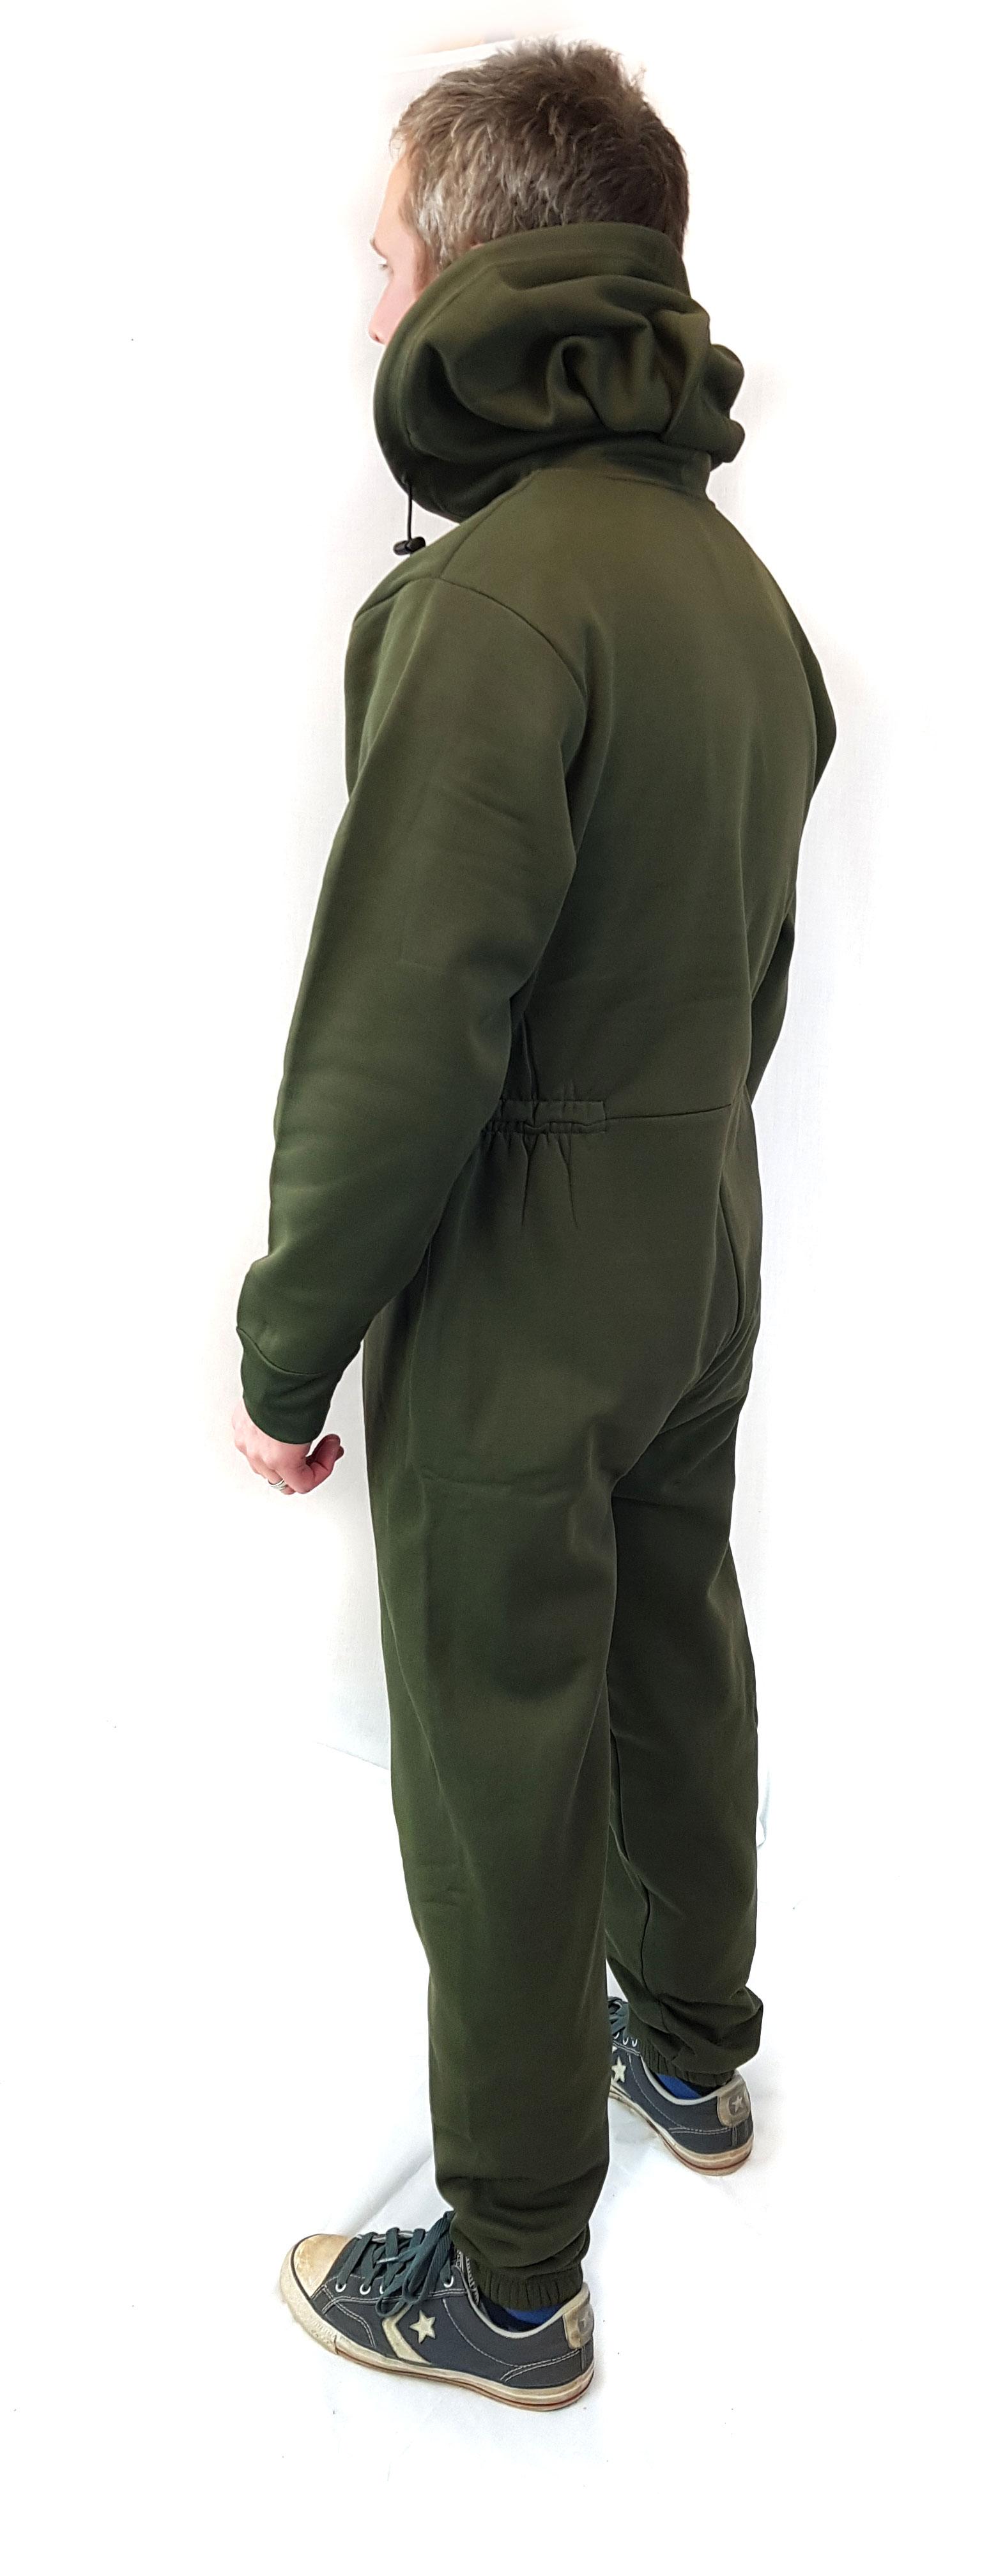 Bison Thermal Fleece Undersuit Ebay